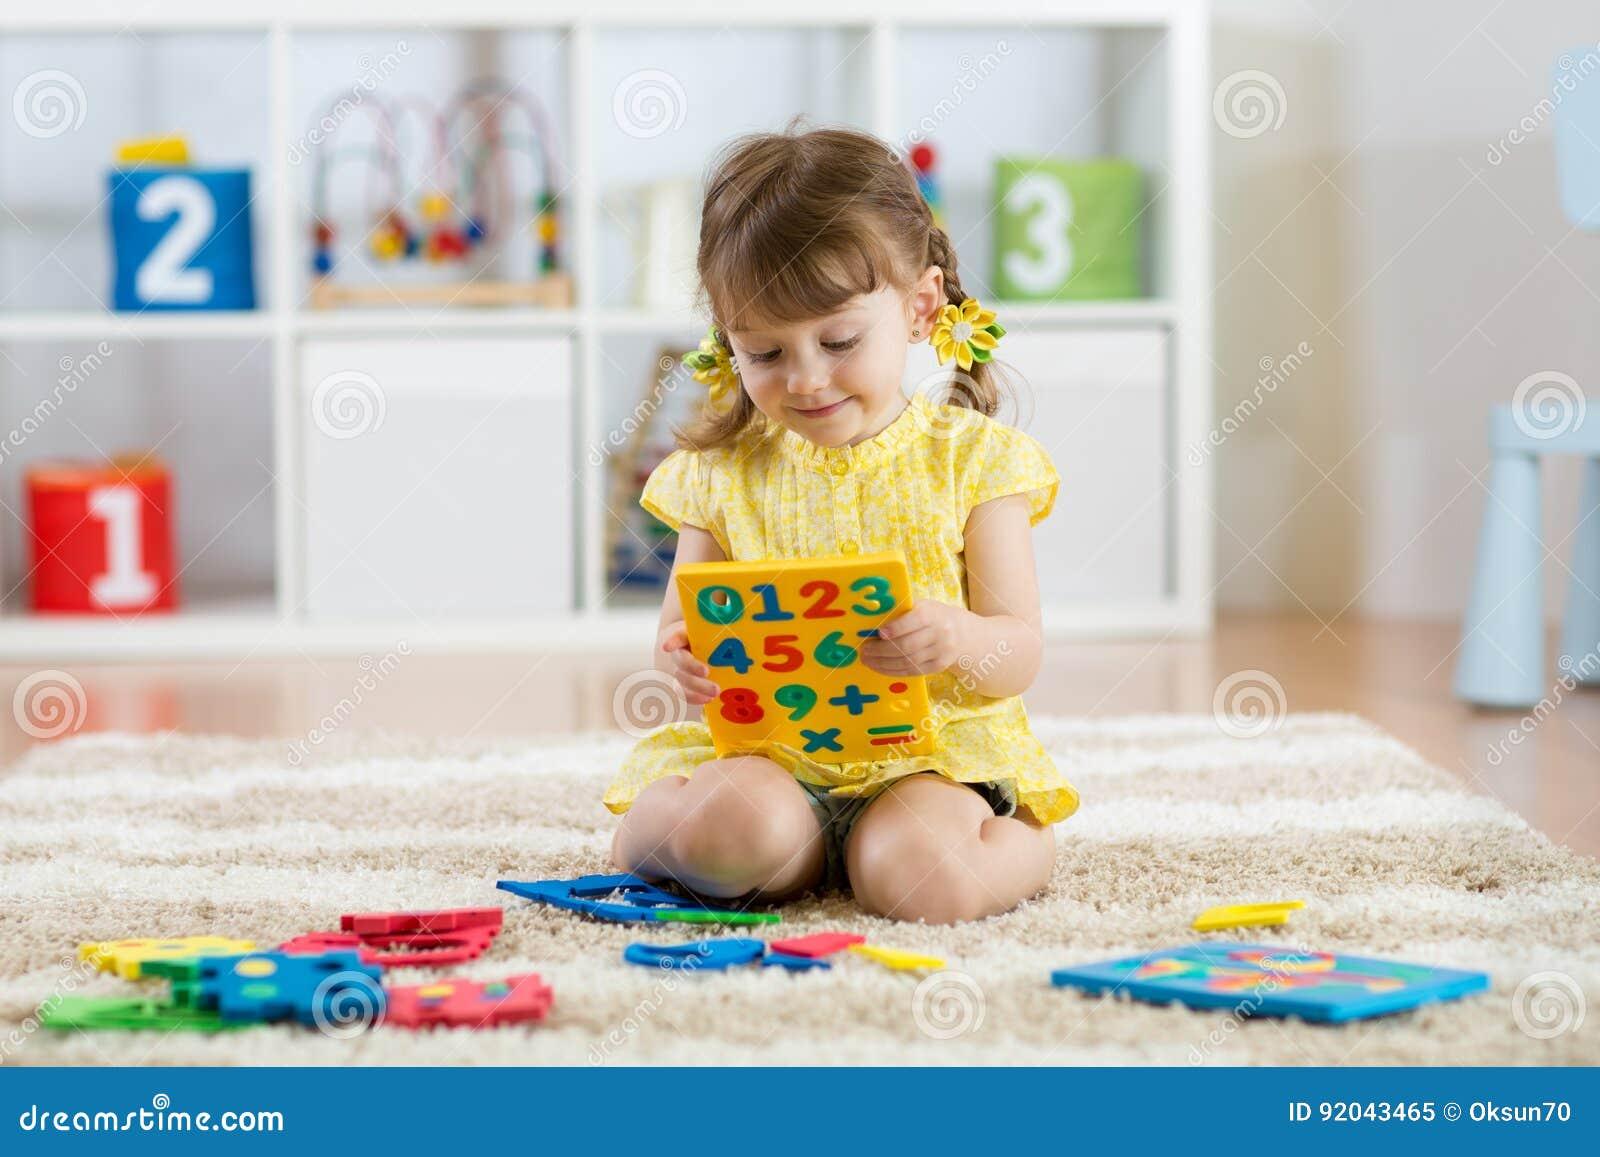 使用与许多的小女孩孩子五颜六色的塑料数字或数字户内